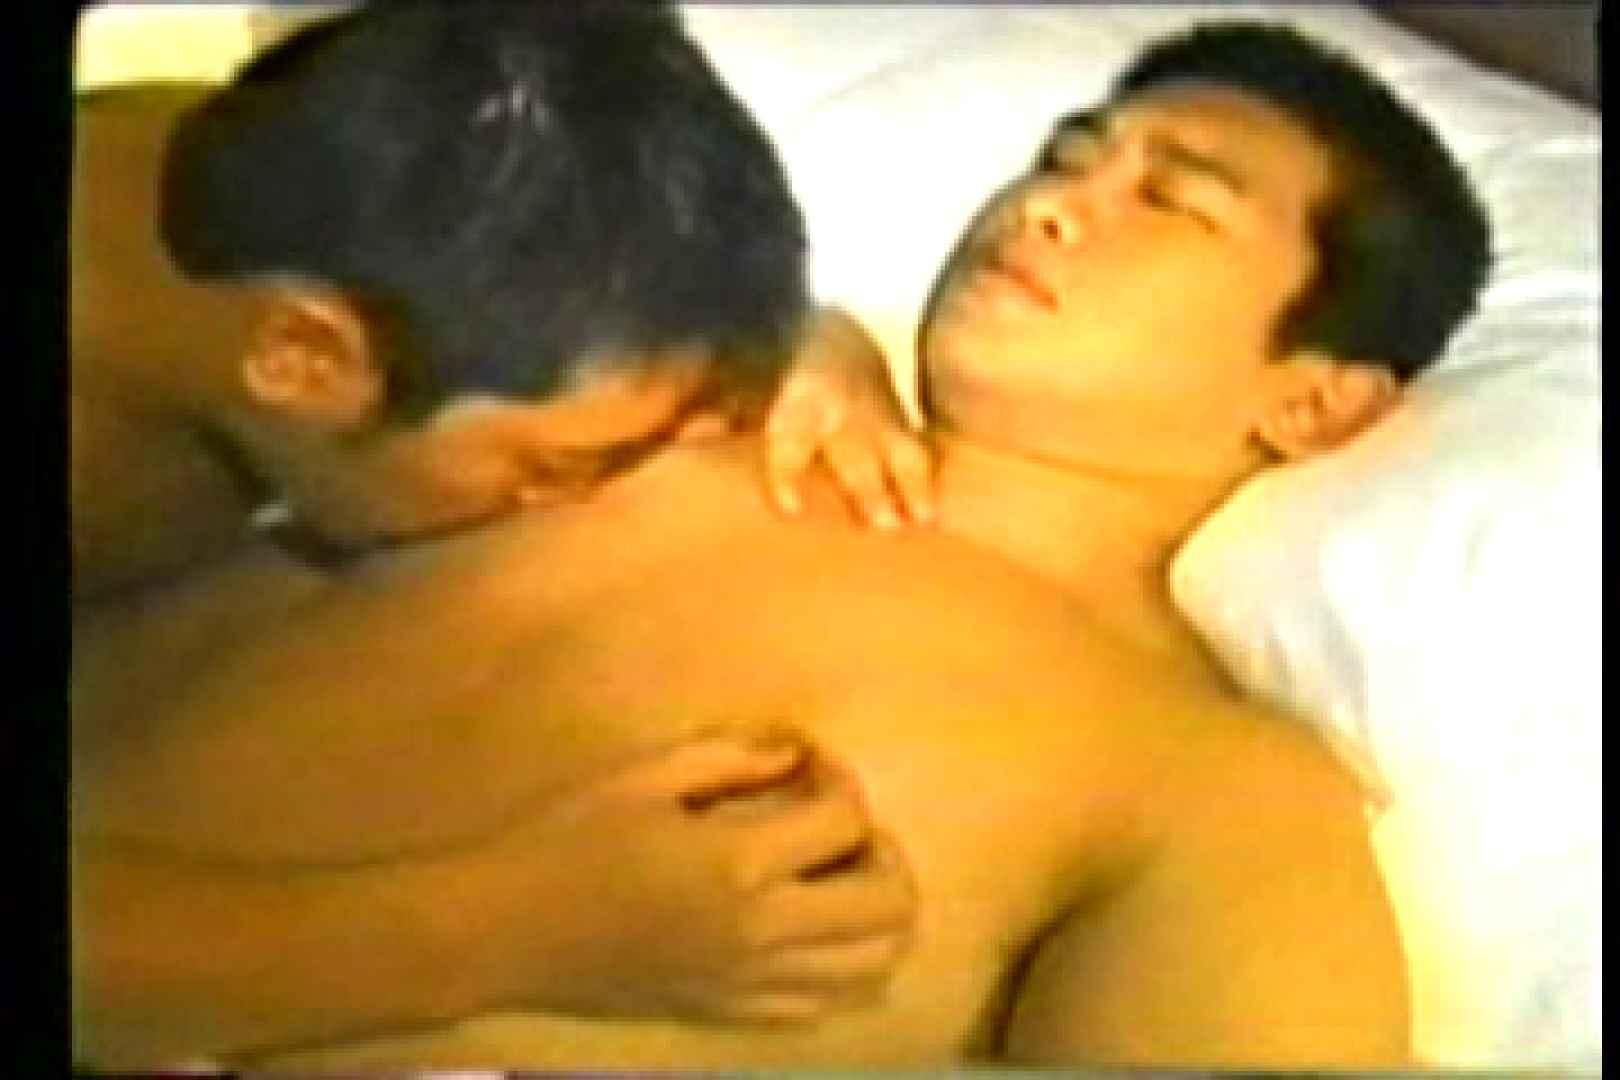 『ノンケ・スポーツマンシップとは・・・! ! 』 第11戦 シックスナイン ゲイヌード画像 67枚 1